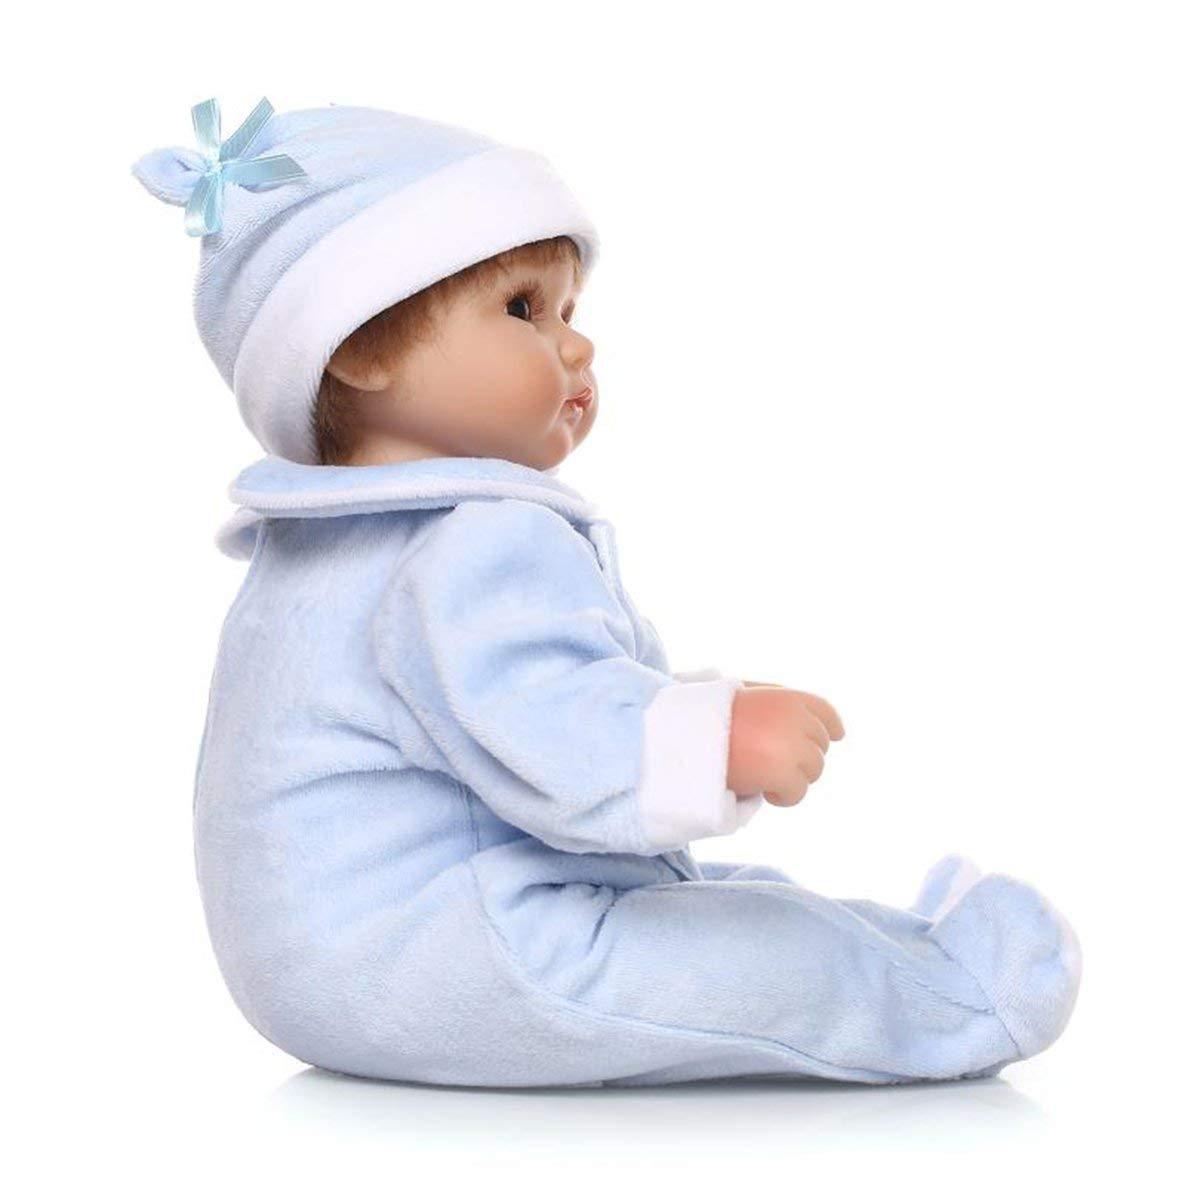 tomar hasta un 70% de descuento Moliies Simulación Baby Doll Suave Silicona Silicona Silicona Linda Muñeca Realista Crianza de los niños Juguete  suministramos lo mejor